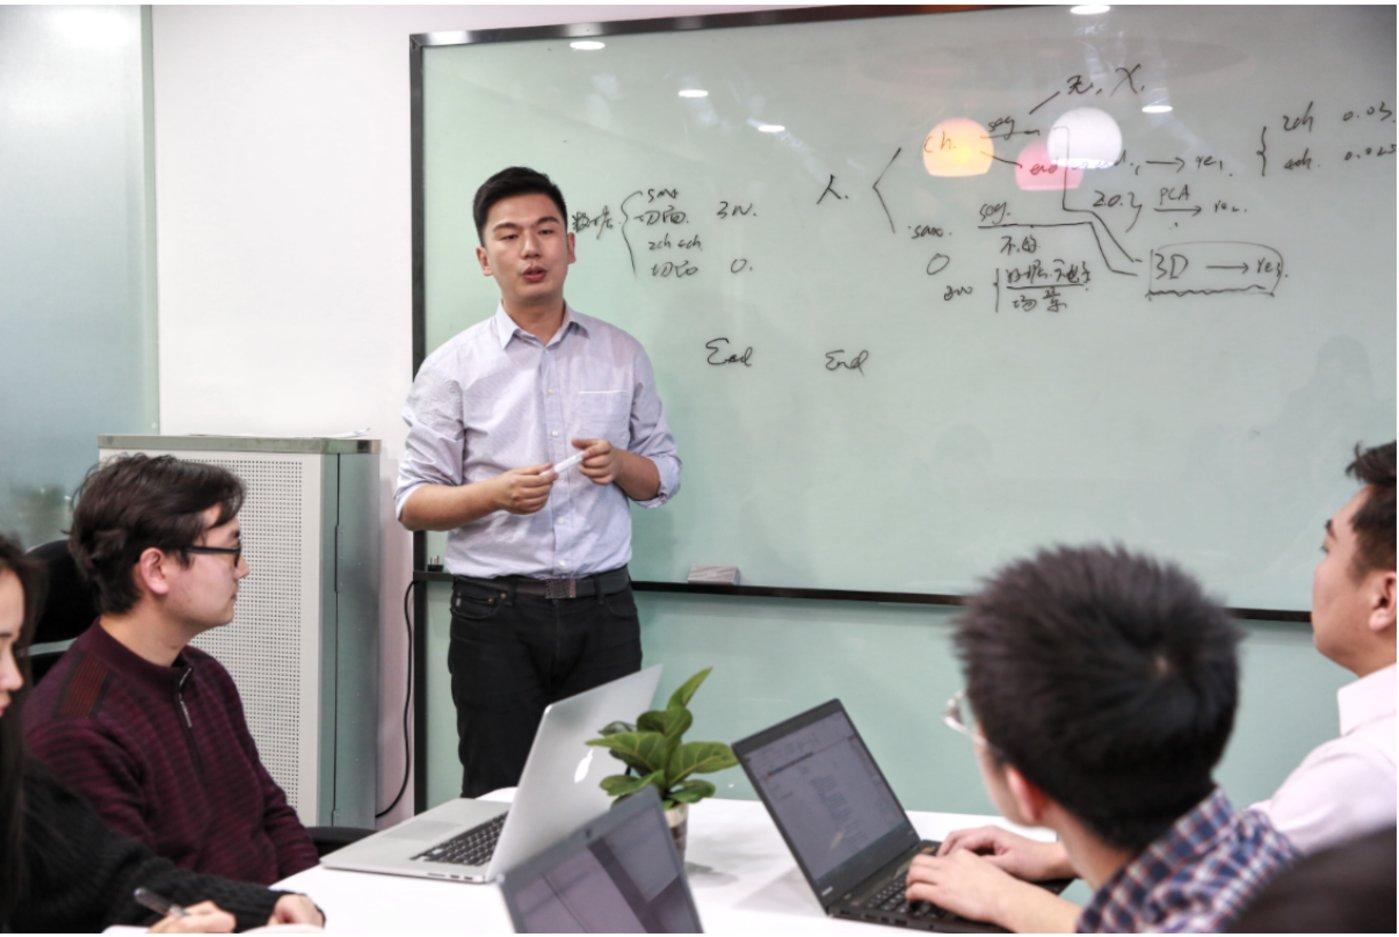 ceo徐立和商汤的团队是目前业内的顶尖水平